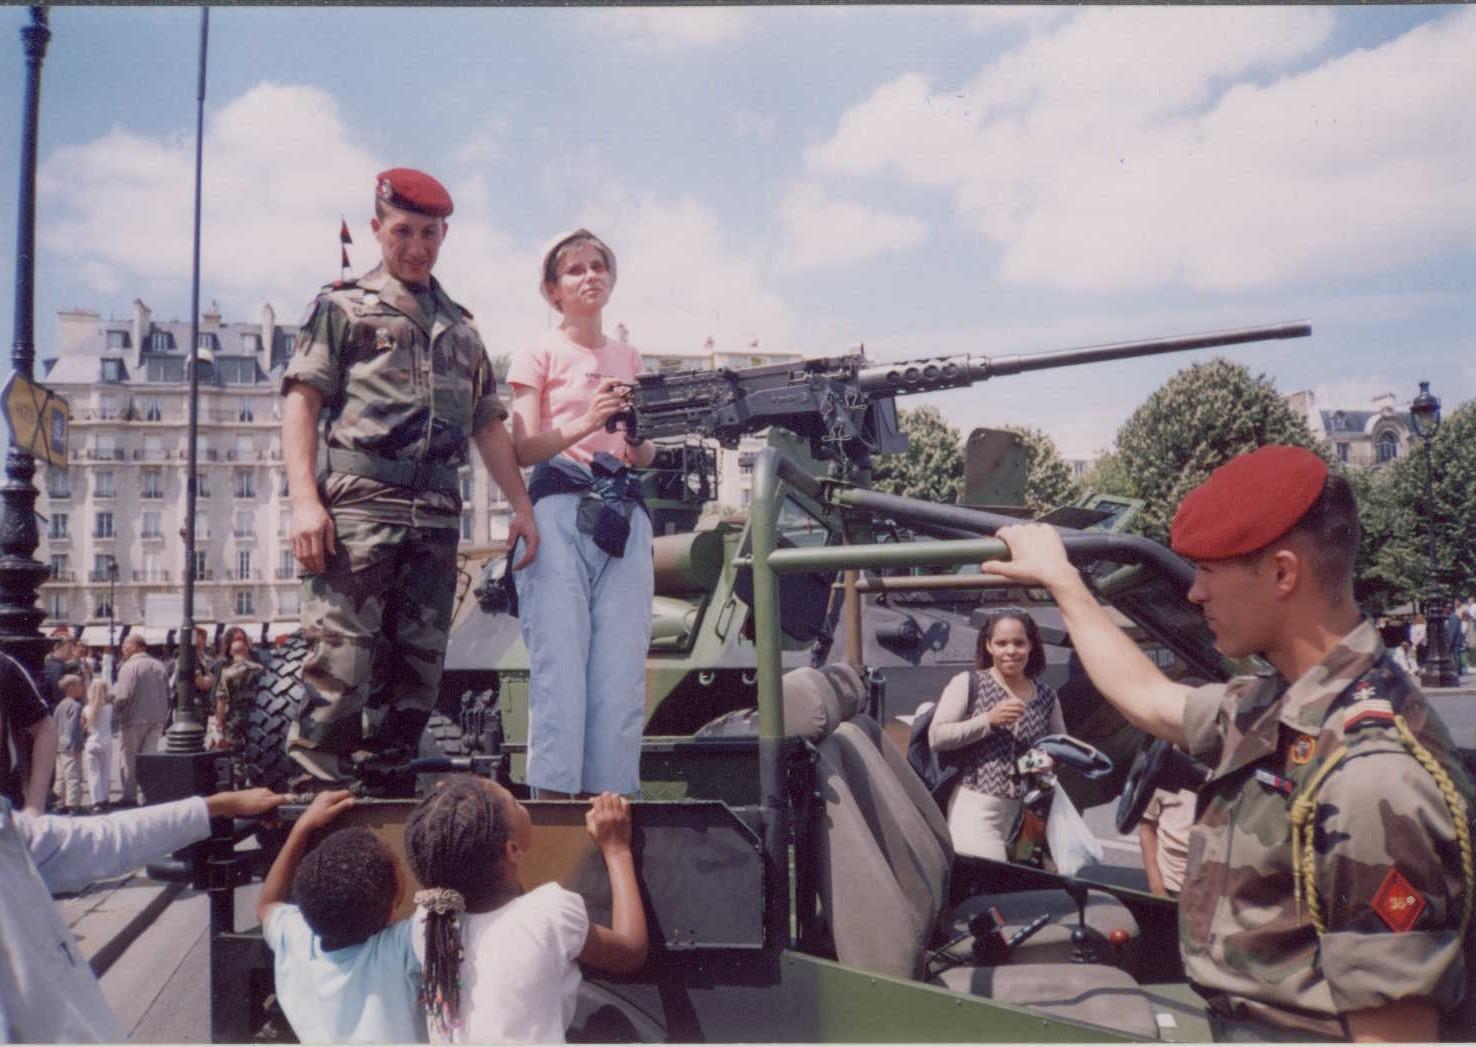 14 lipca 2004 na paryskiej armacie z żołnierzami.